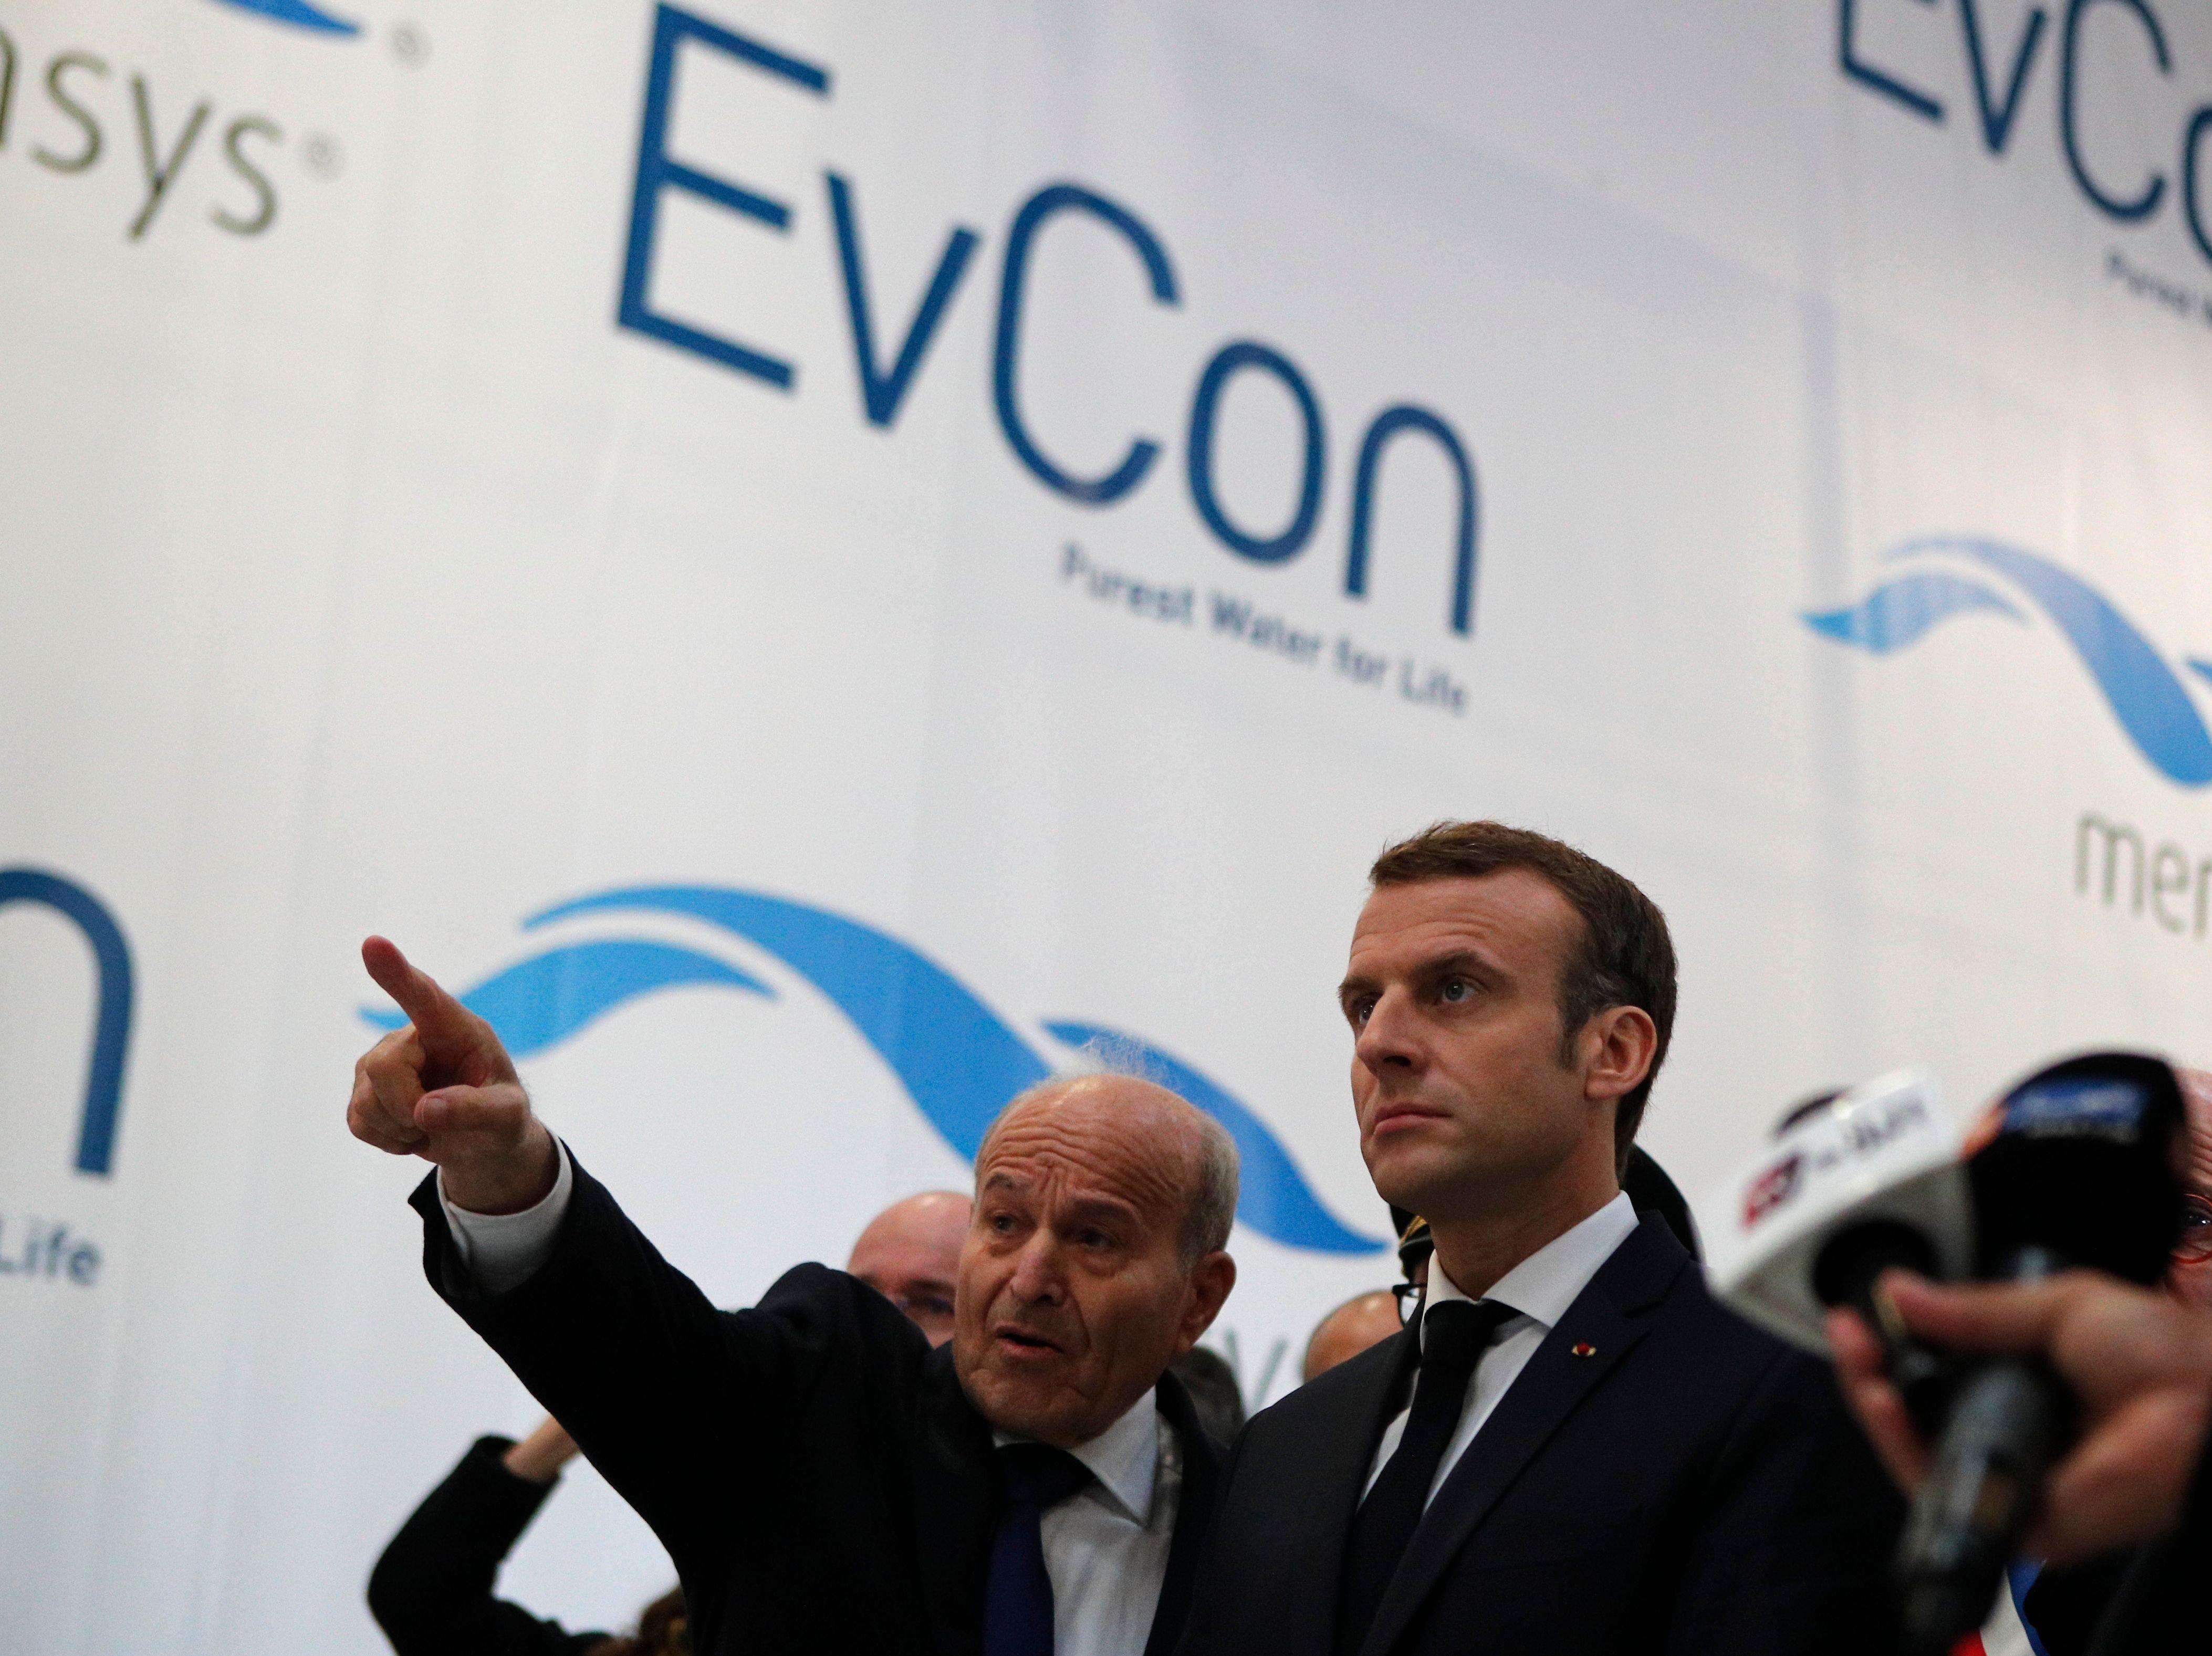 Cevital et l'Elysée annoncent un investissement dans les